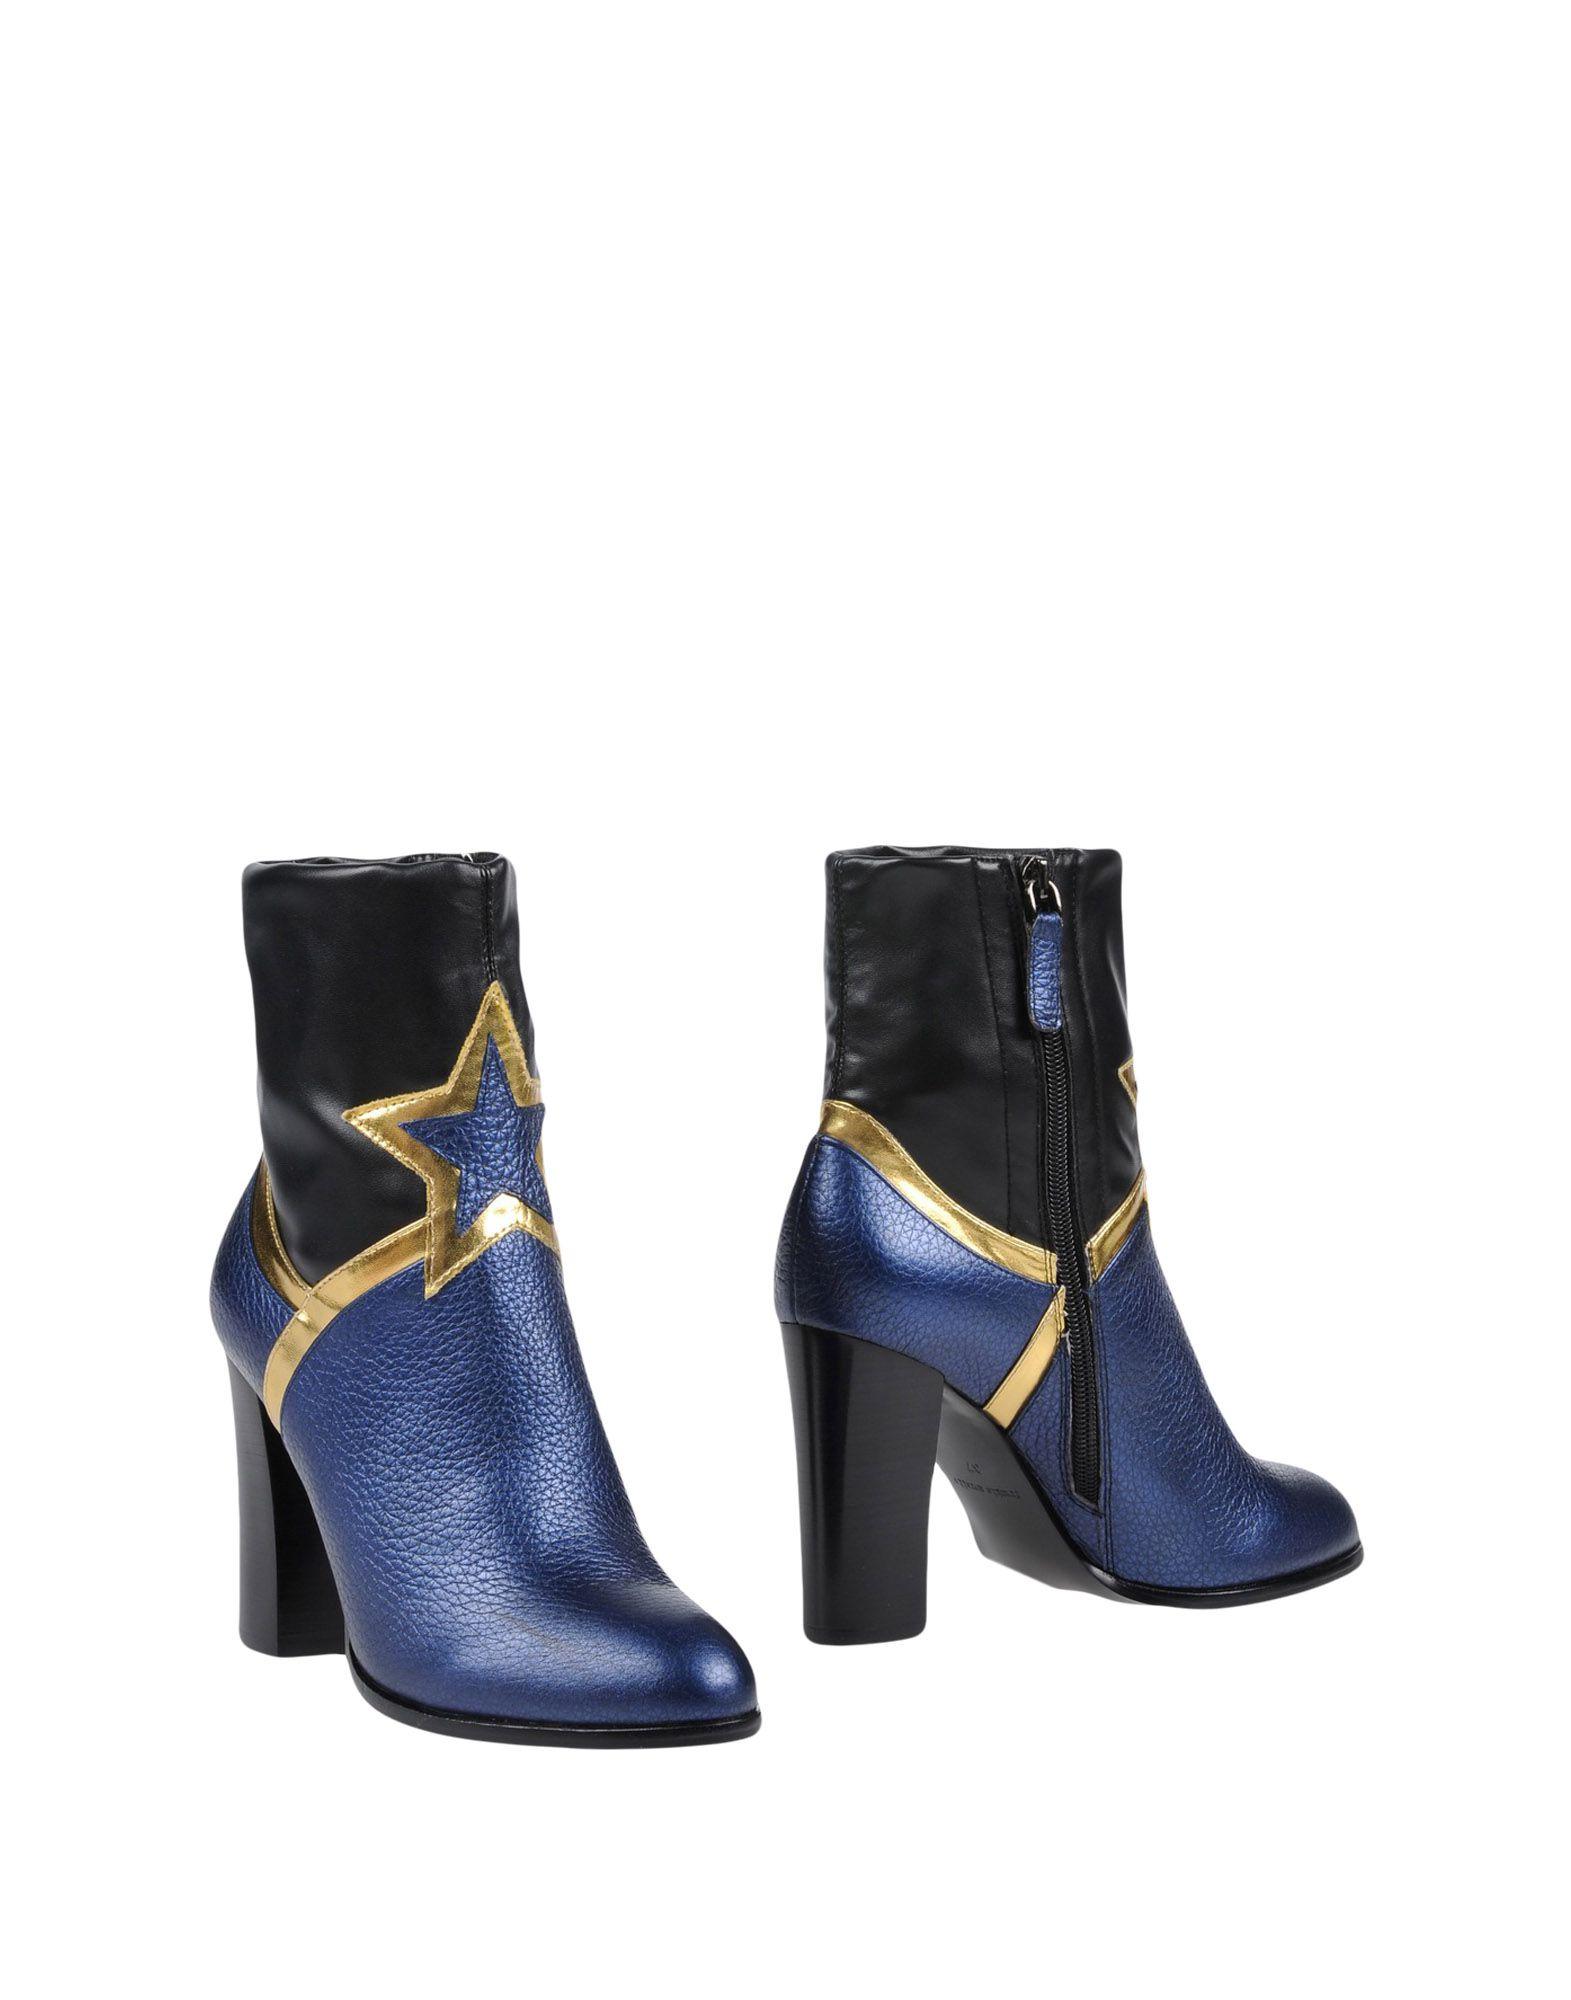 Frankie Morello Stiefelette Damen Schuhe  11450541BFGut aussehende strapazierfähige Schuhe Damen 6be8df